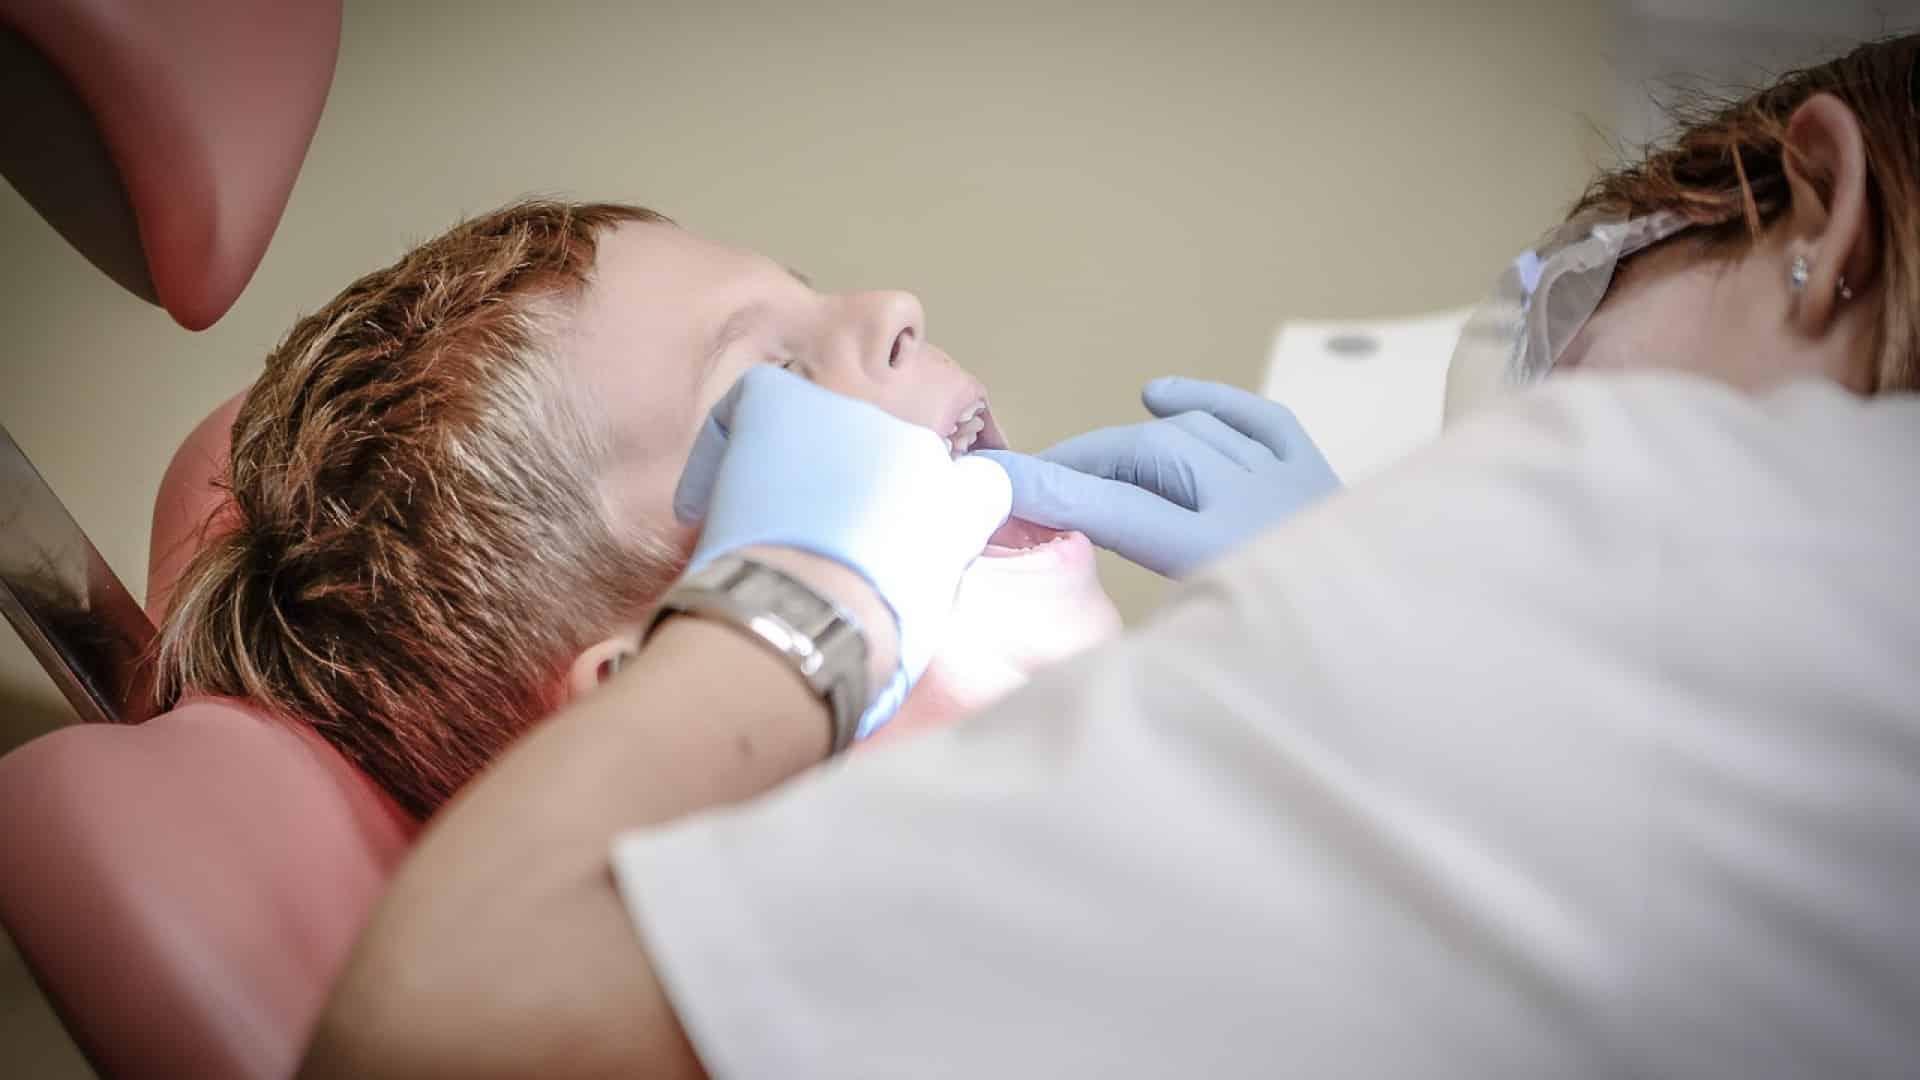 Dentiste professionnel : ce qu'il faut savoir